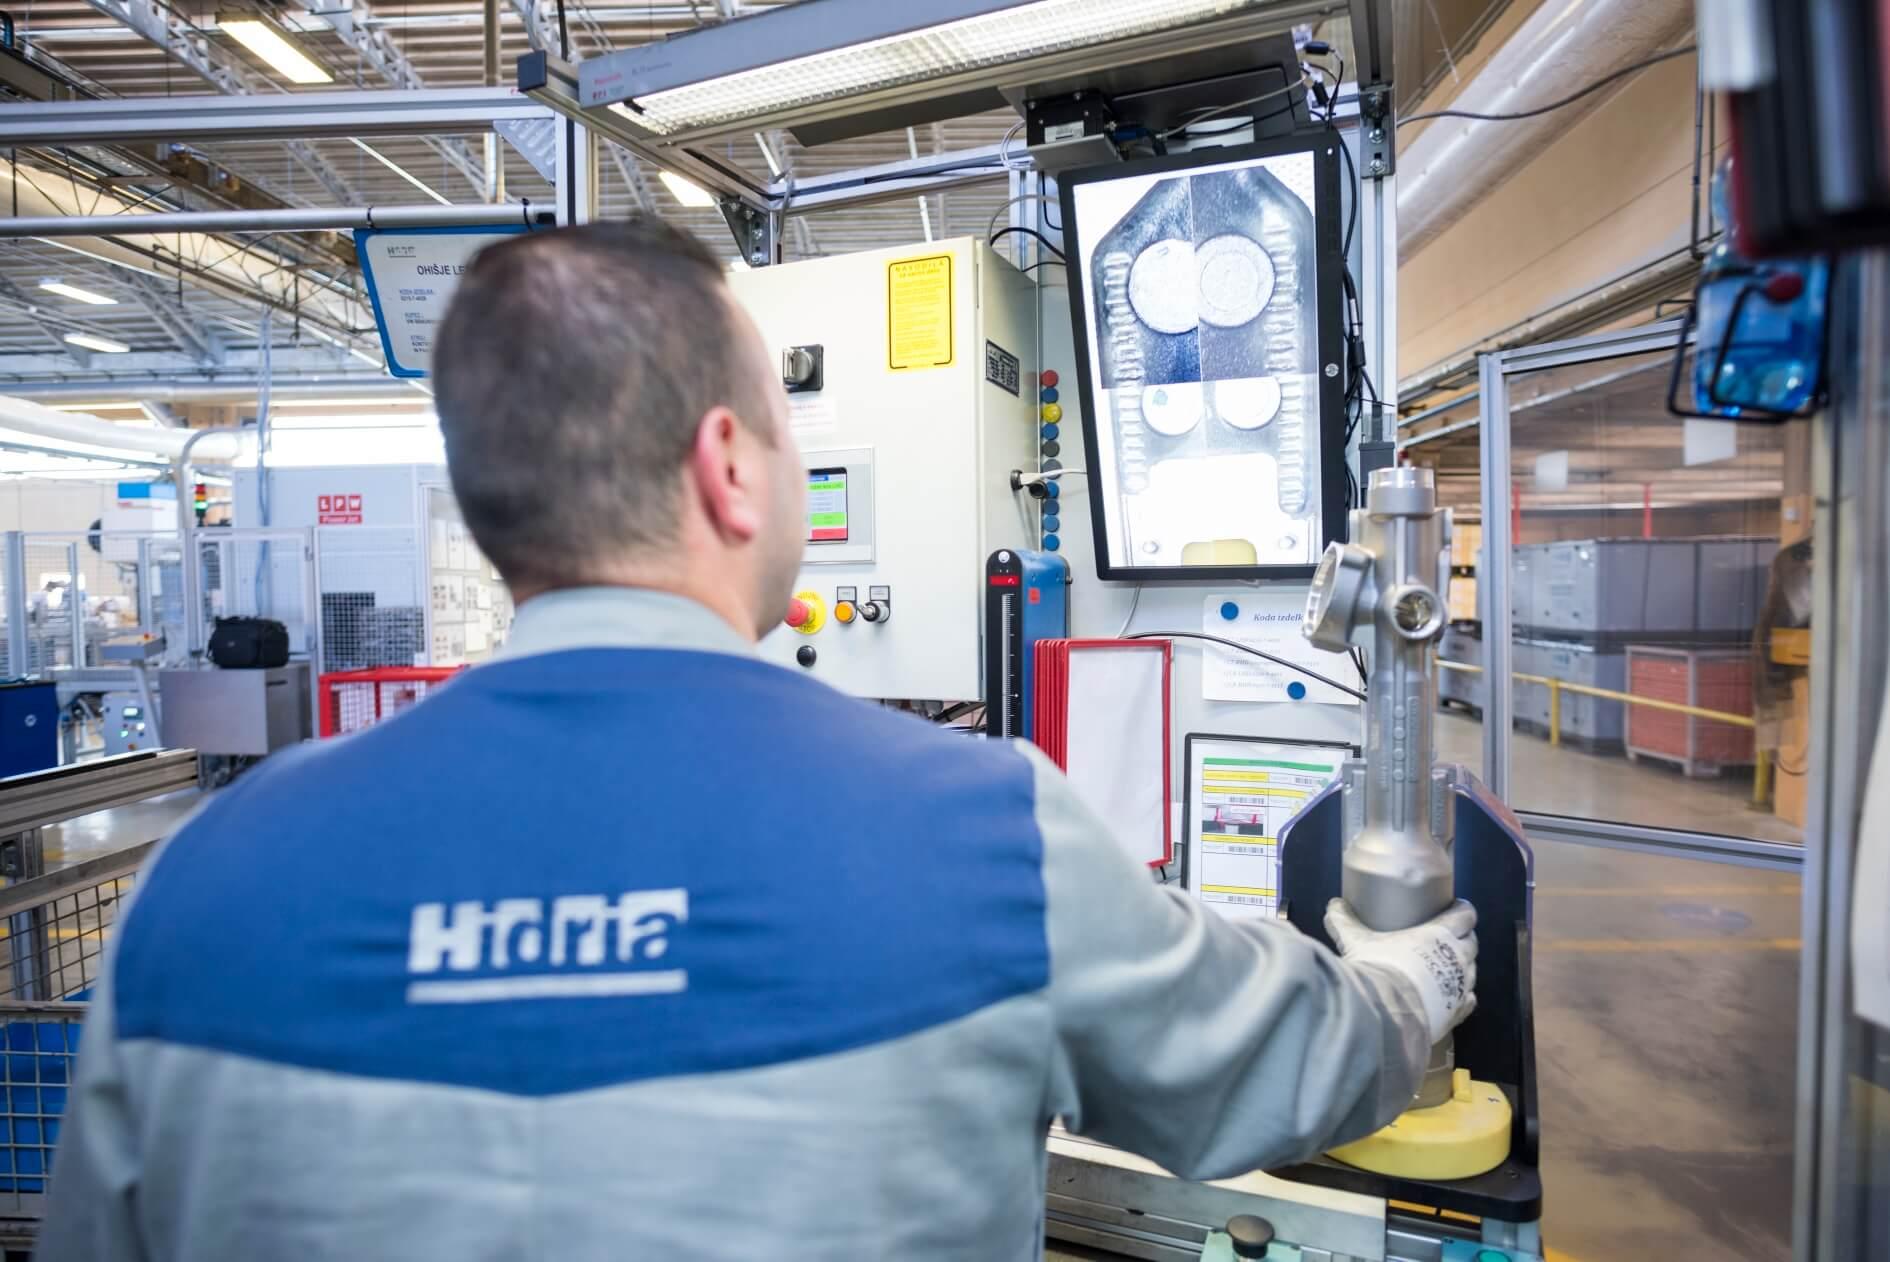 BMW v svoja nova hibridna in električna vozila ohišja slovenske Hidrie